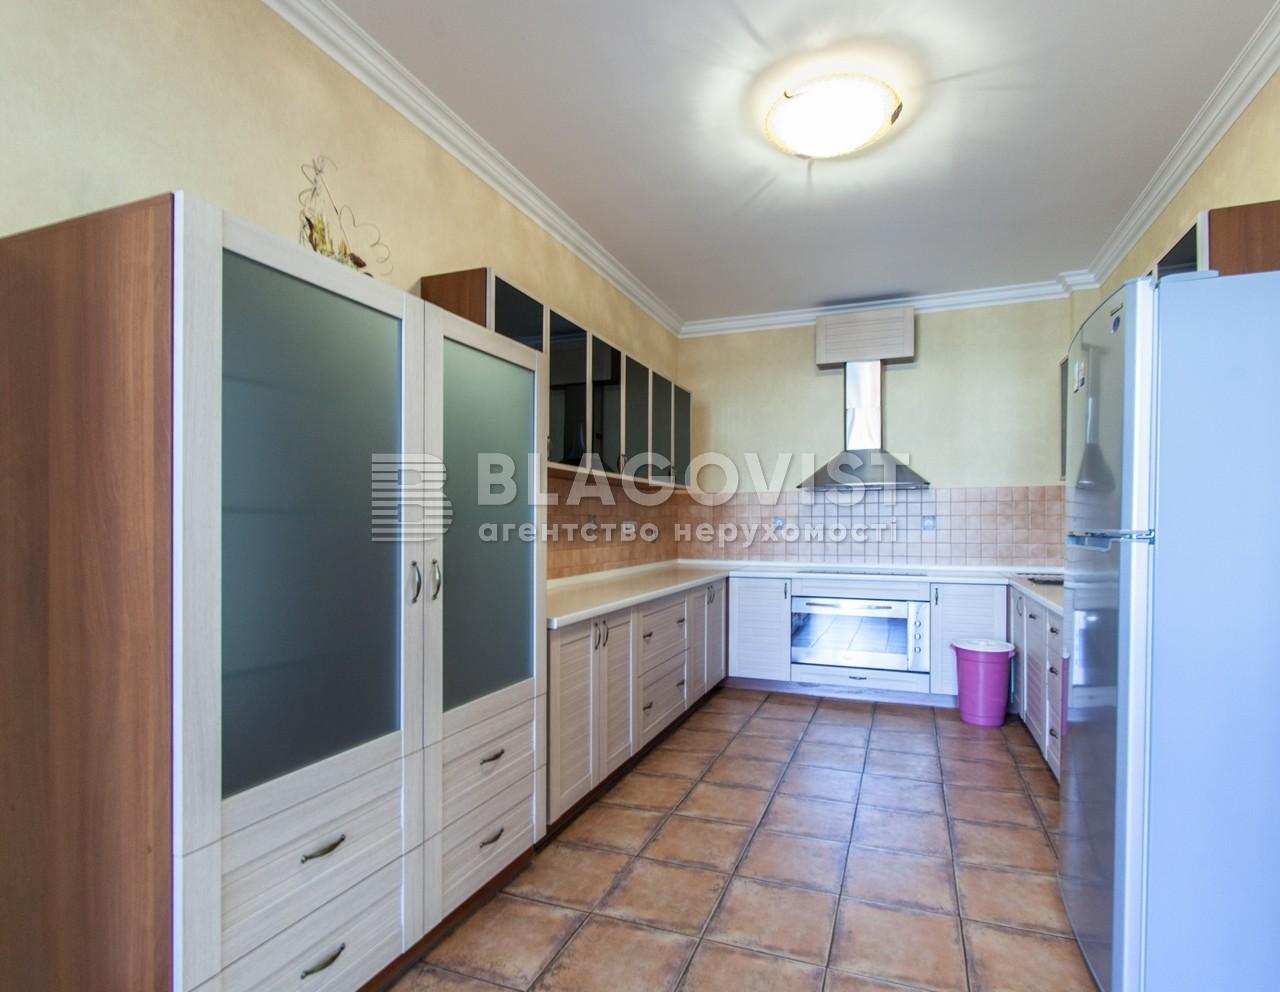 Квартира P-12923, Боткина, 4, Киев - Фото 11